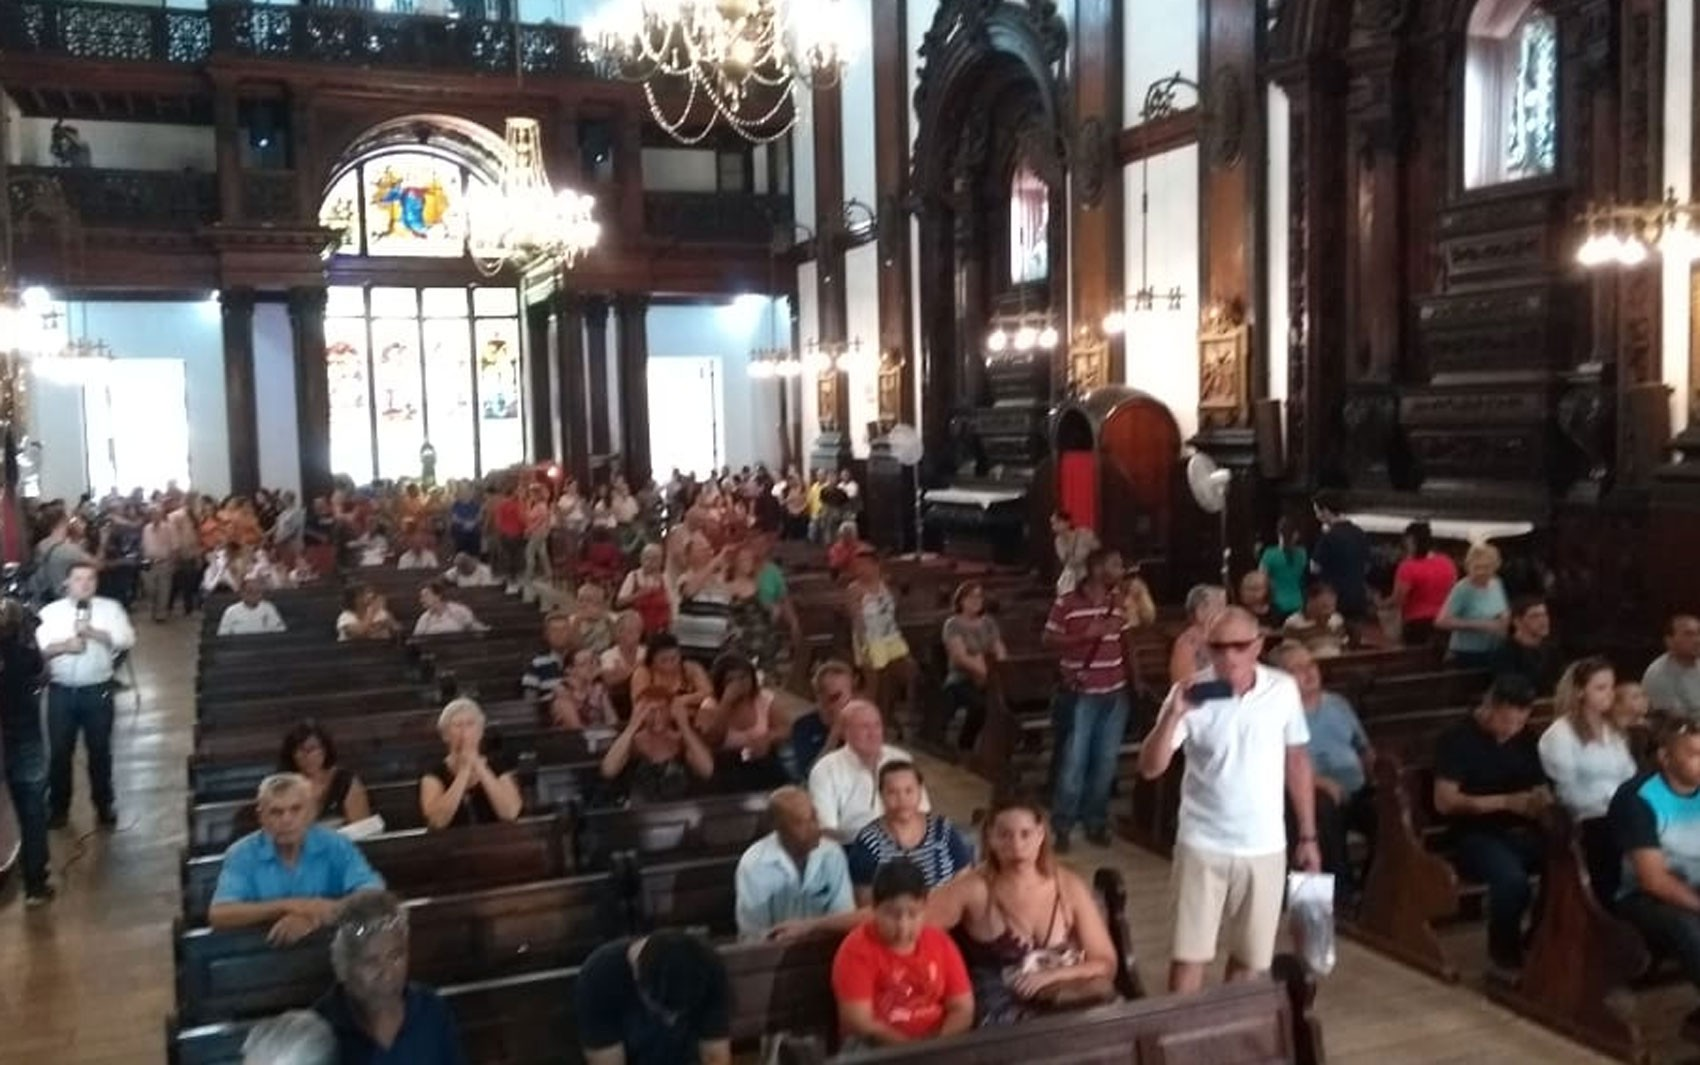 Ataque na catedral: templo em Campinas é reaberto com missa em memória das vítimas - Noticias